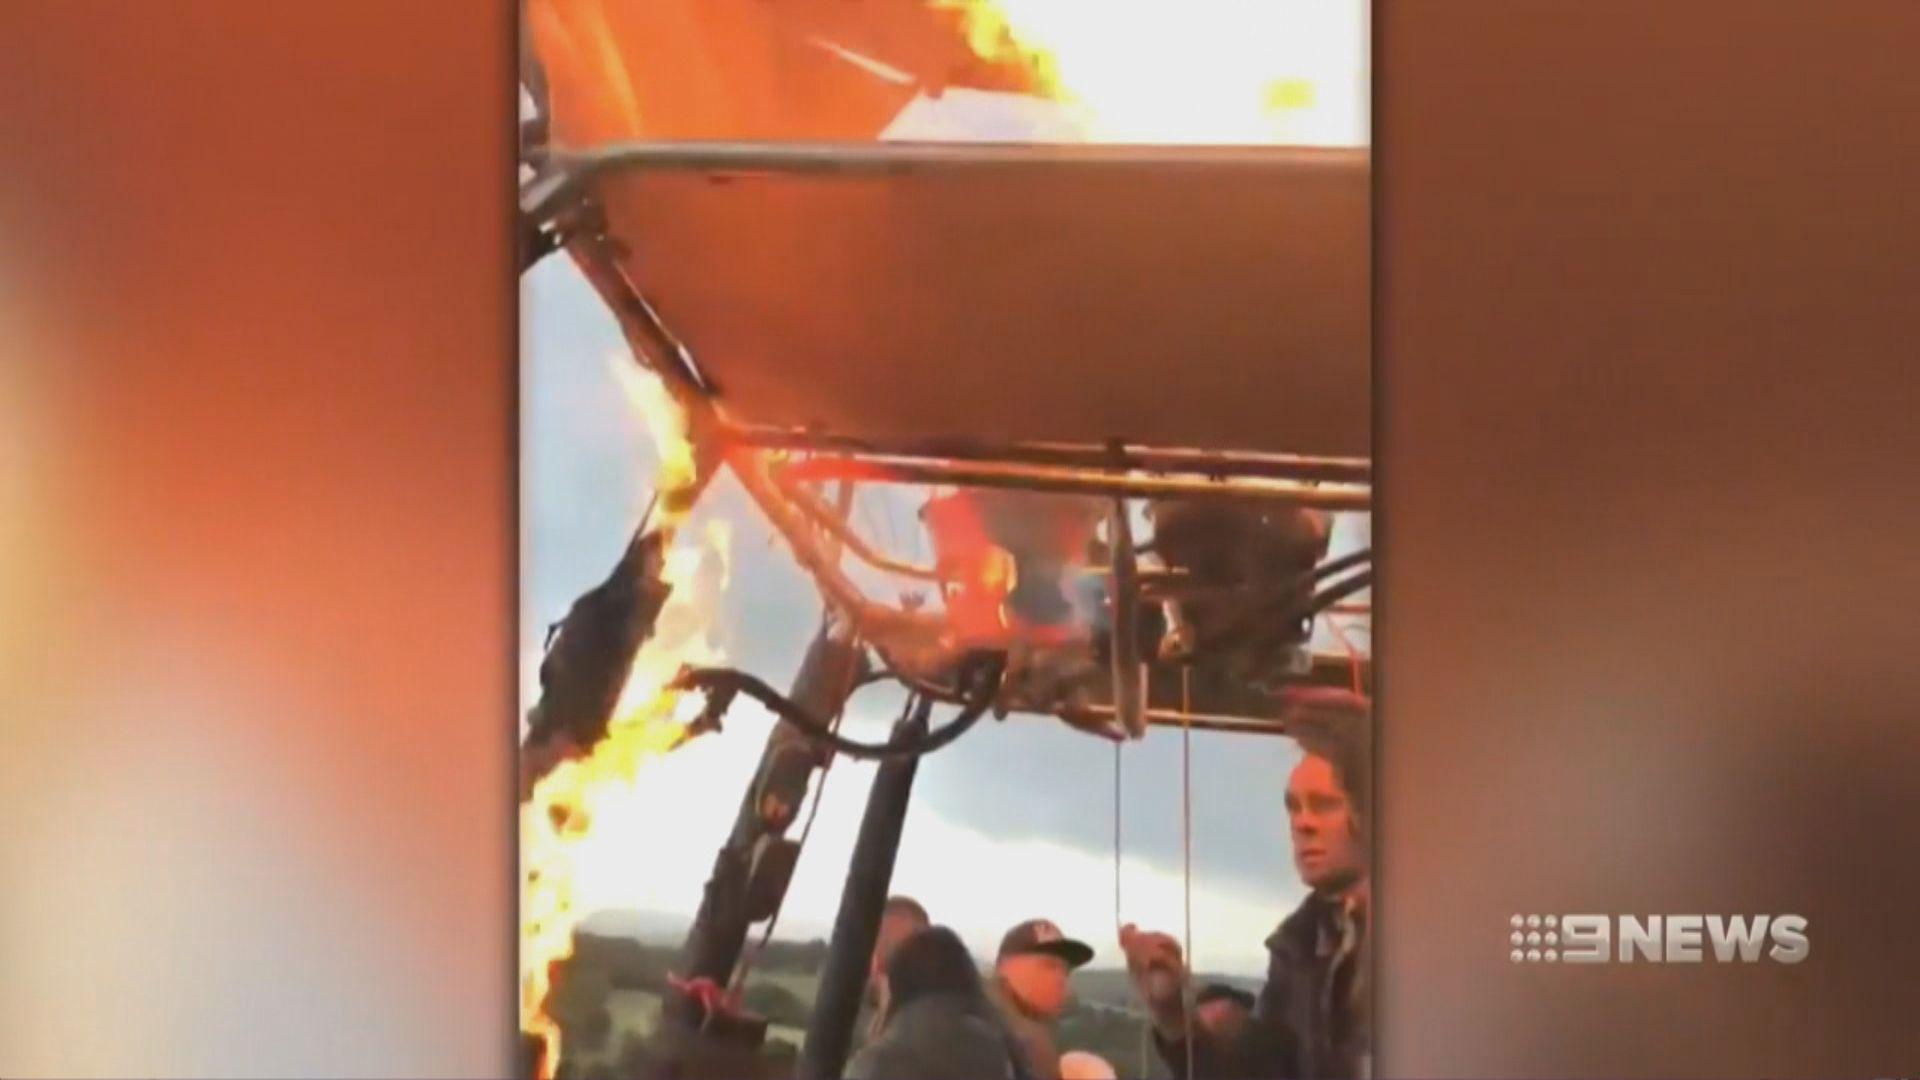 澳洲熱氣球飛行期間起火 一人傷